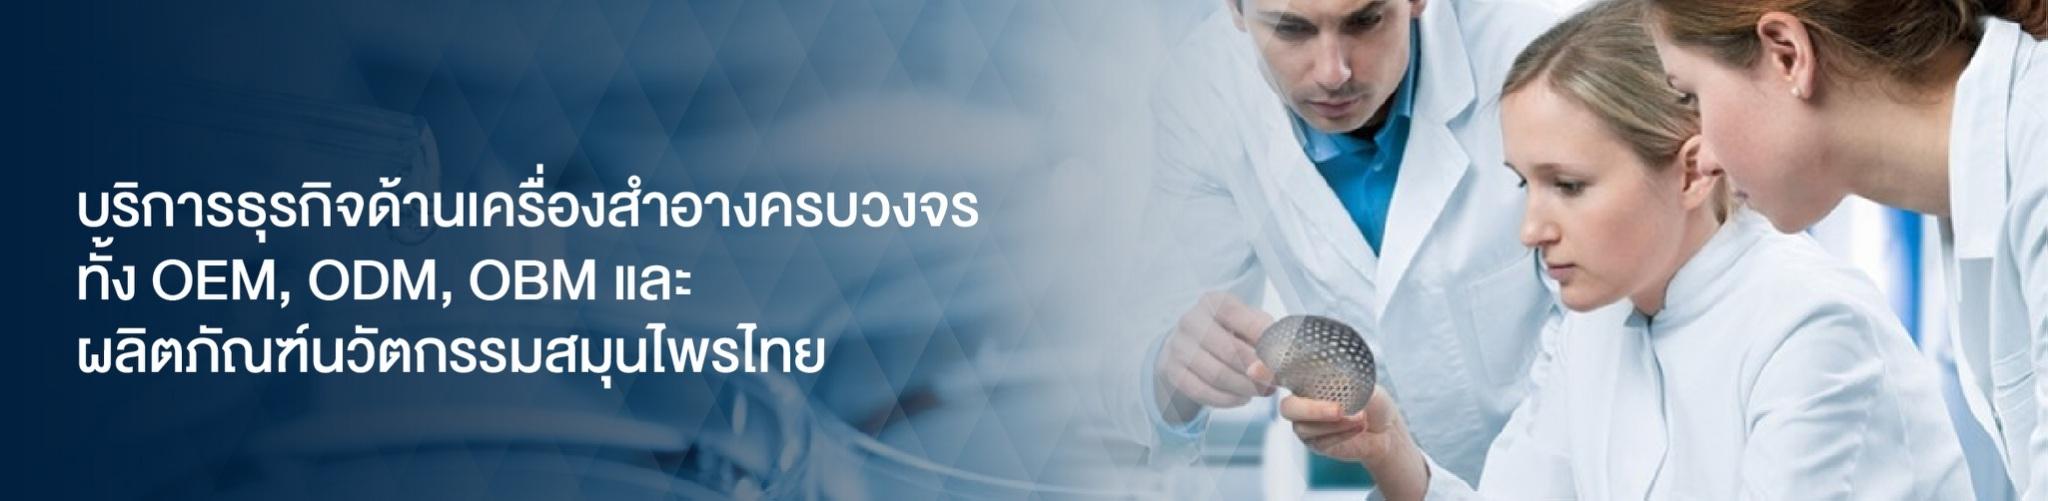 บริการธุรกิจด้านเครื่องสำอางครบวงจร ทั้ง OME, ODM, OBM และผลิตภัณฑ์นวัฒกรรมสมุนไพรไทย